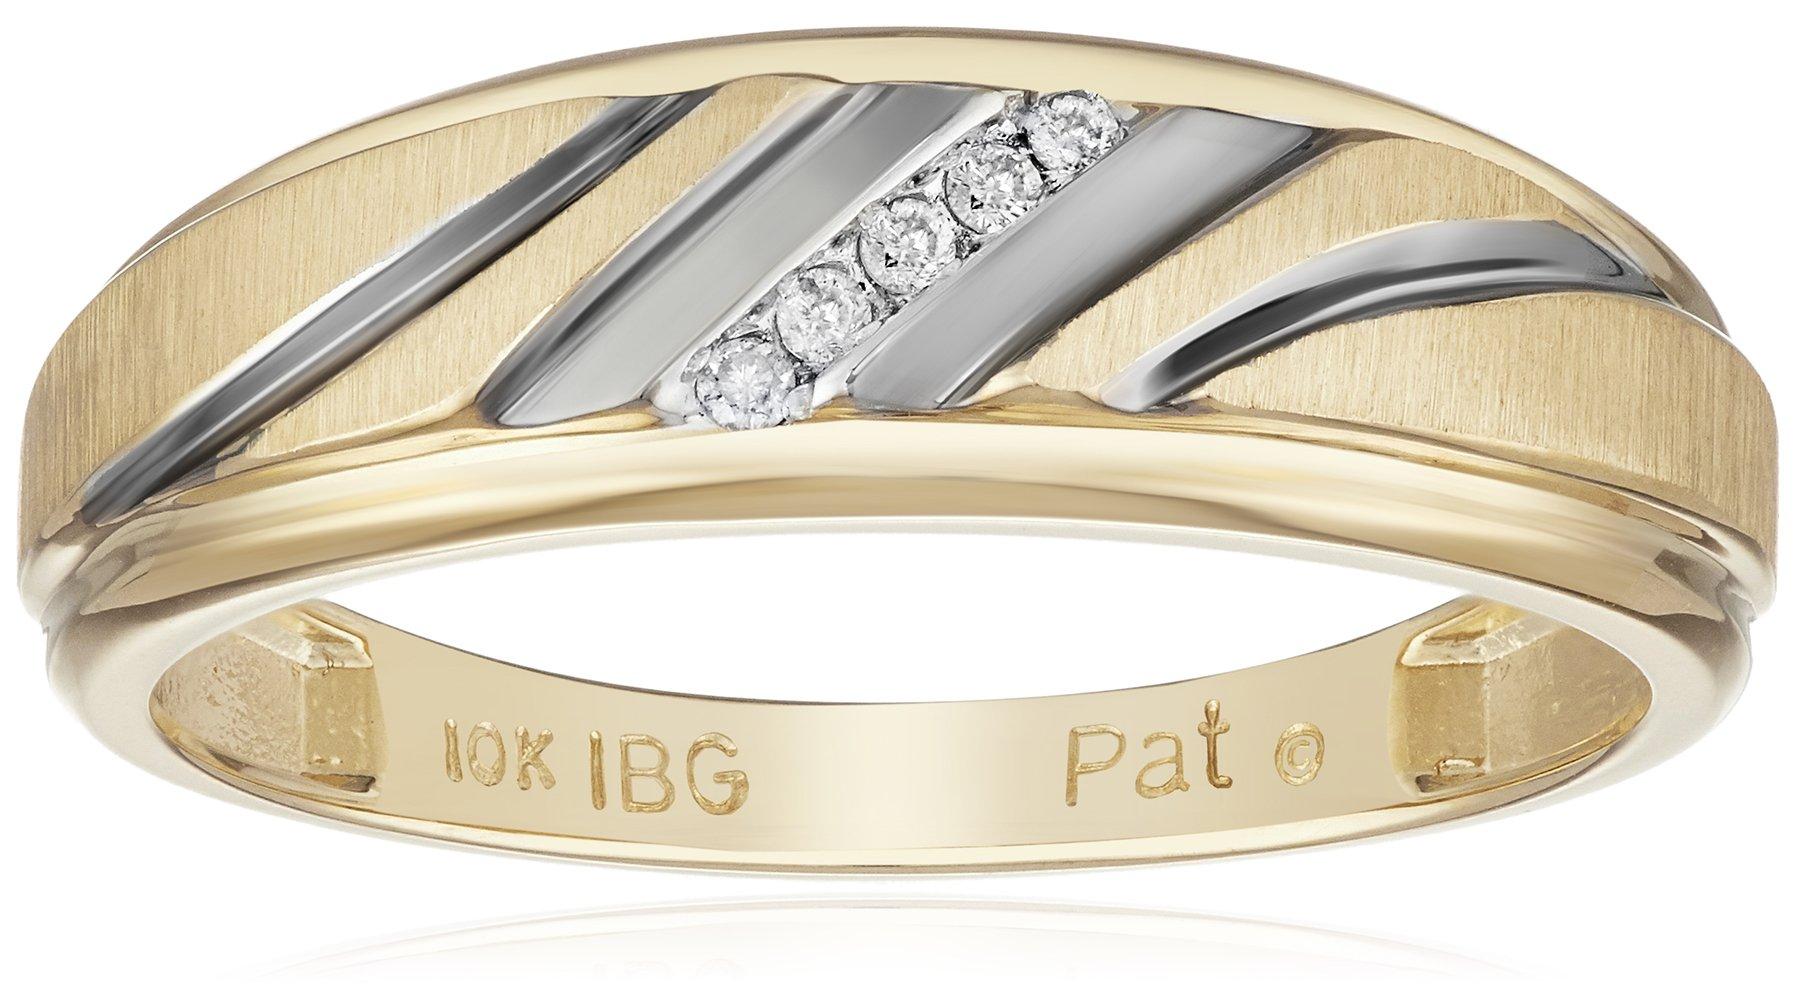 10k Yellow Gold Diamond Wedding Band, Size 9